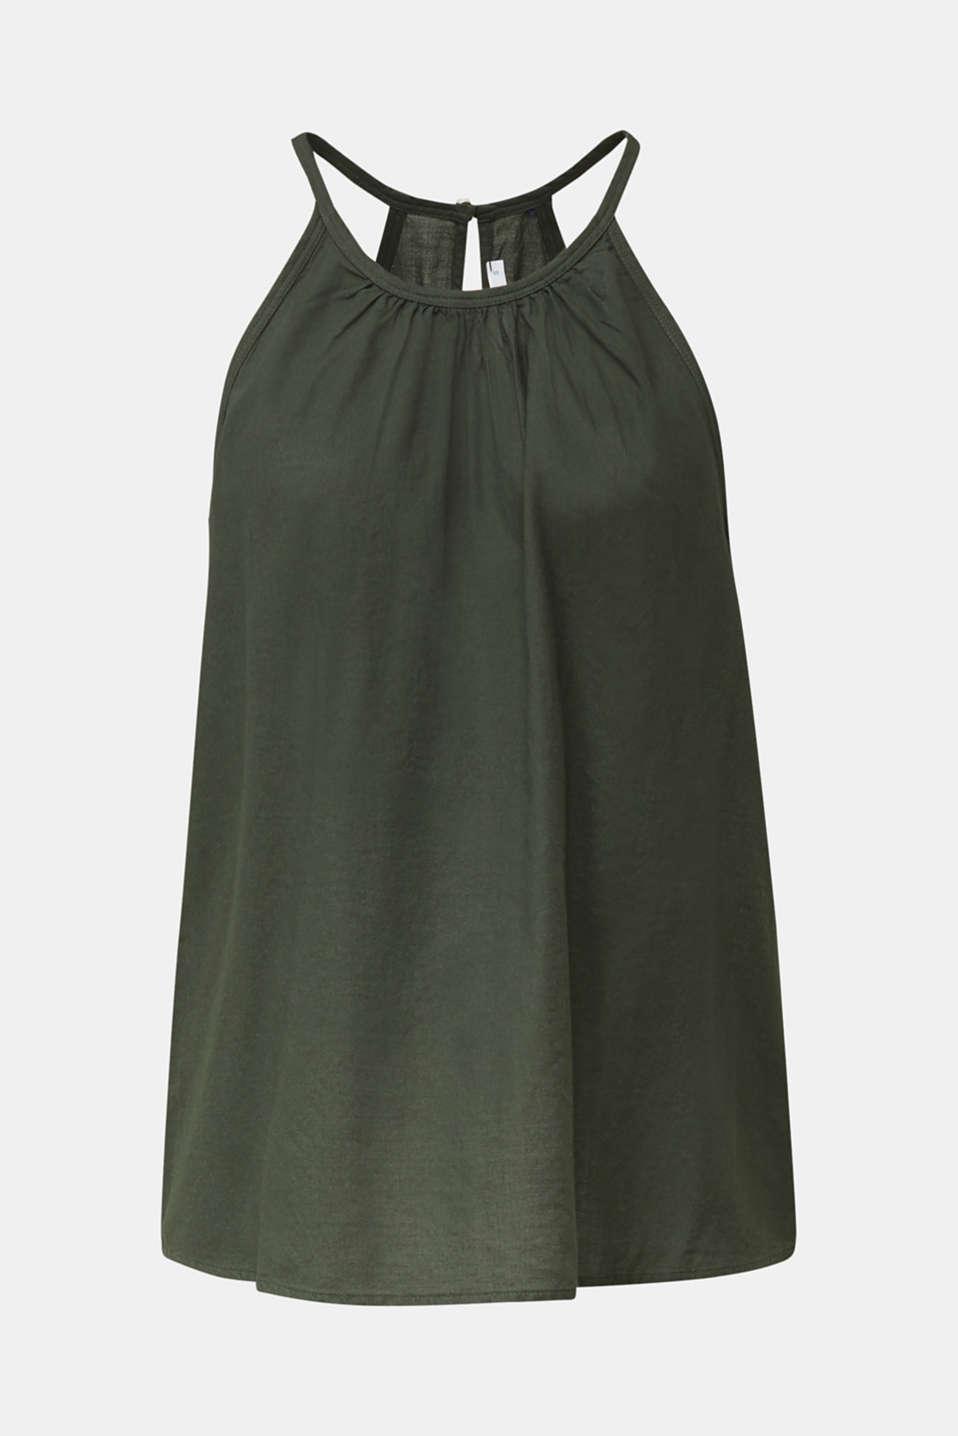 Blouse top, organic cotton, KHAKI GREEN, detail image number 5